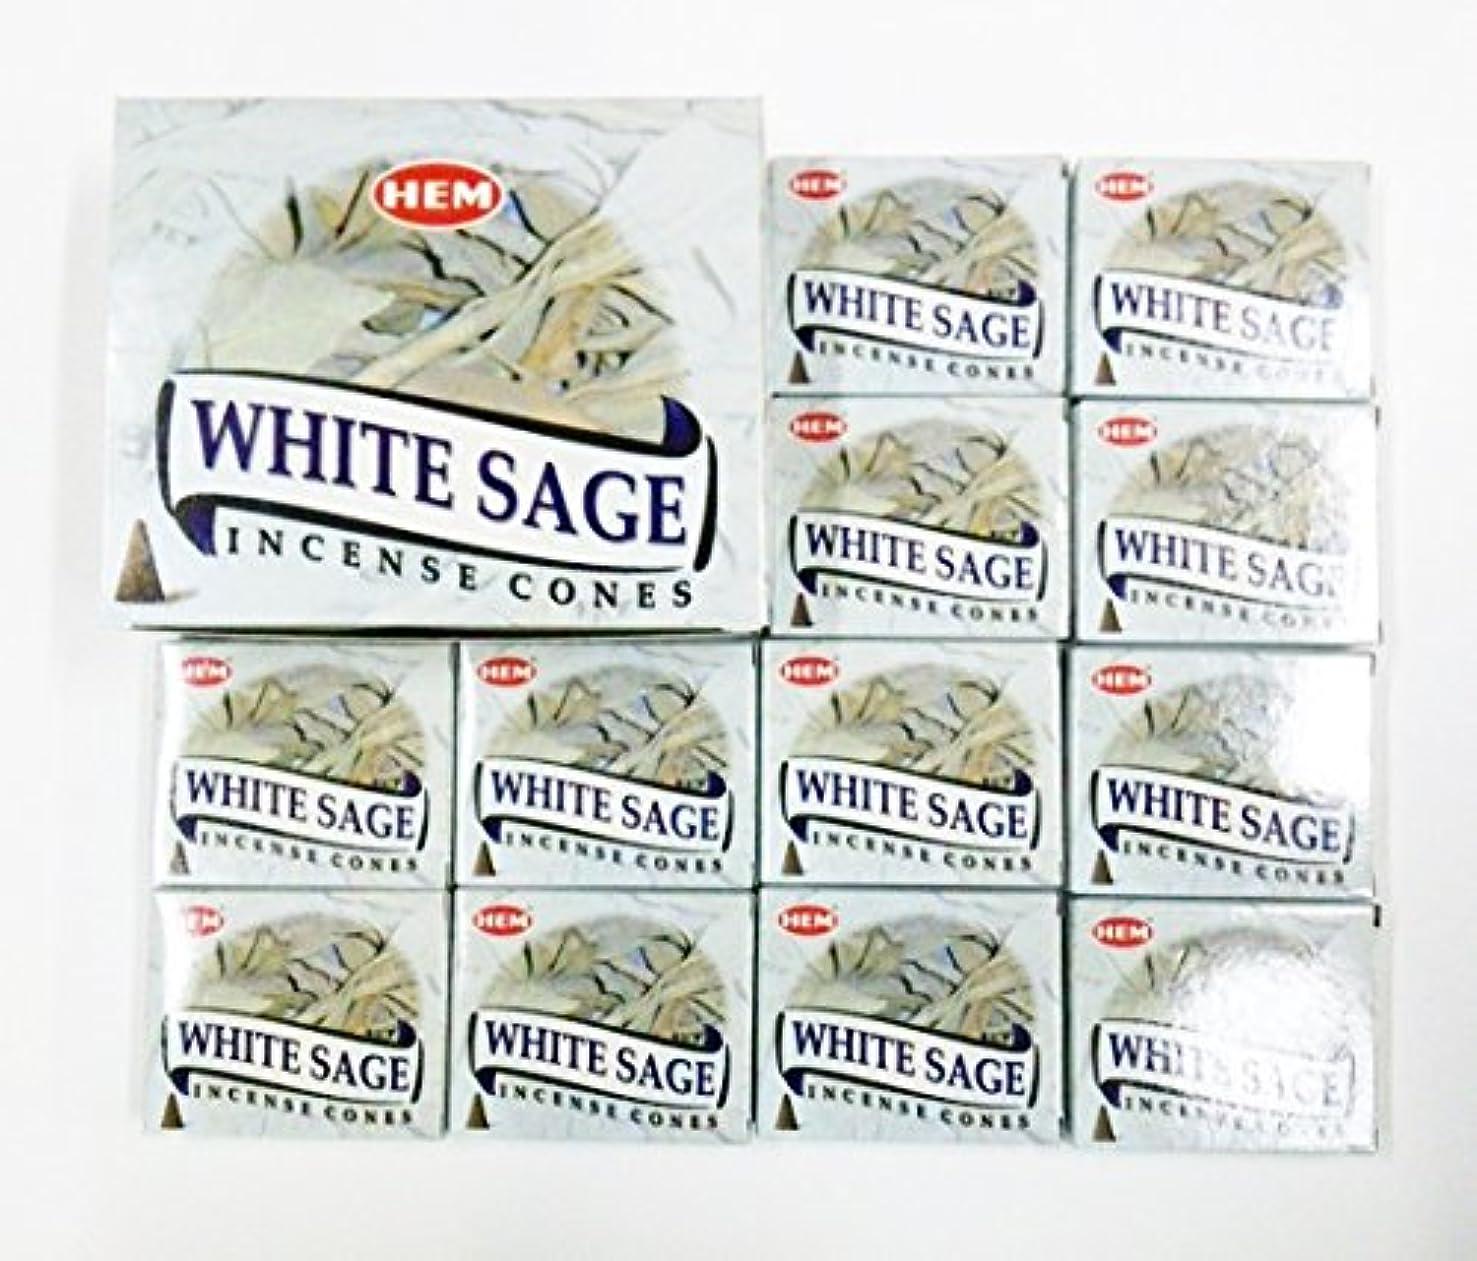 蒸管理者落胆させるHEM WHITE SAGE ホワイトセージ コーン12箱入り